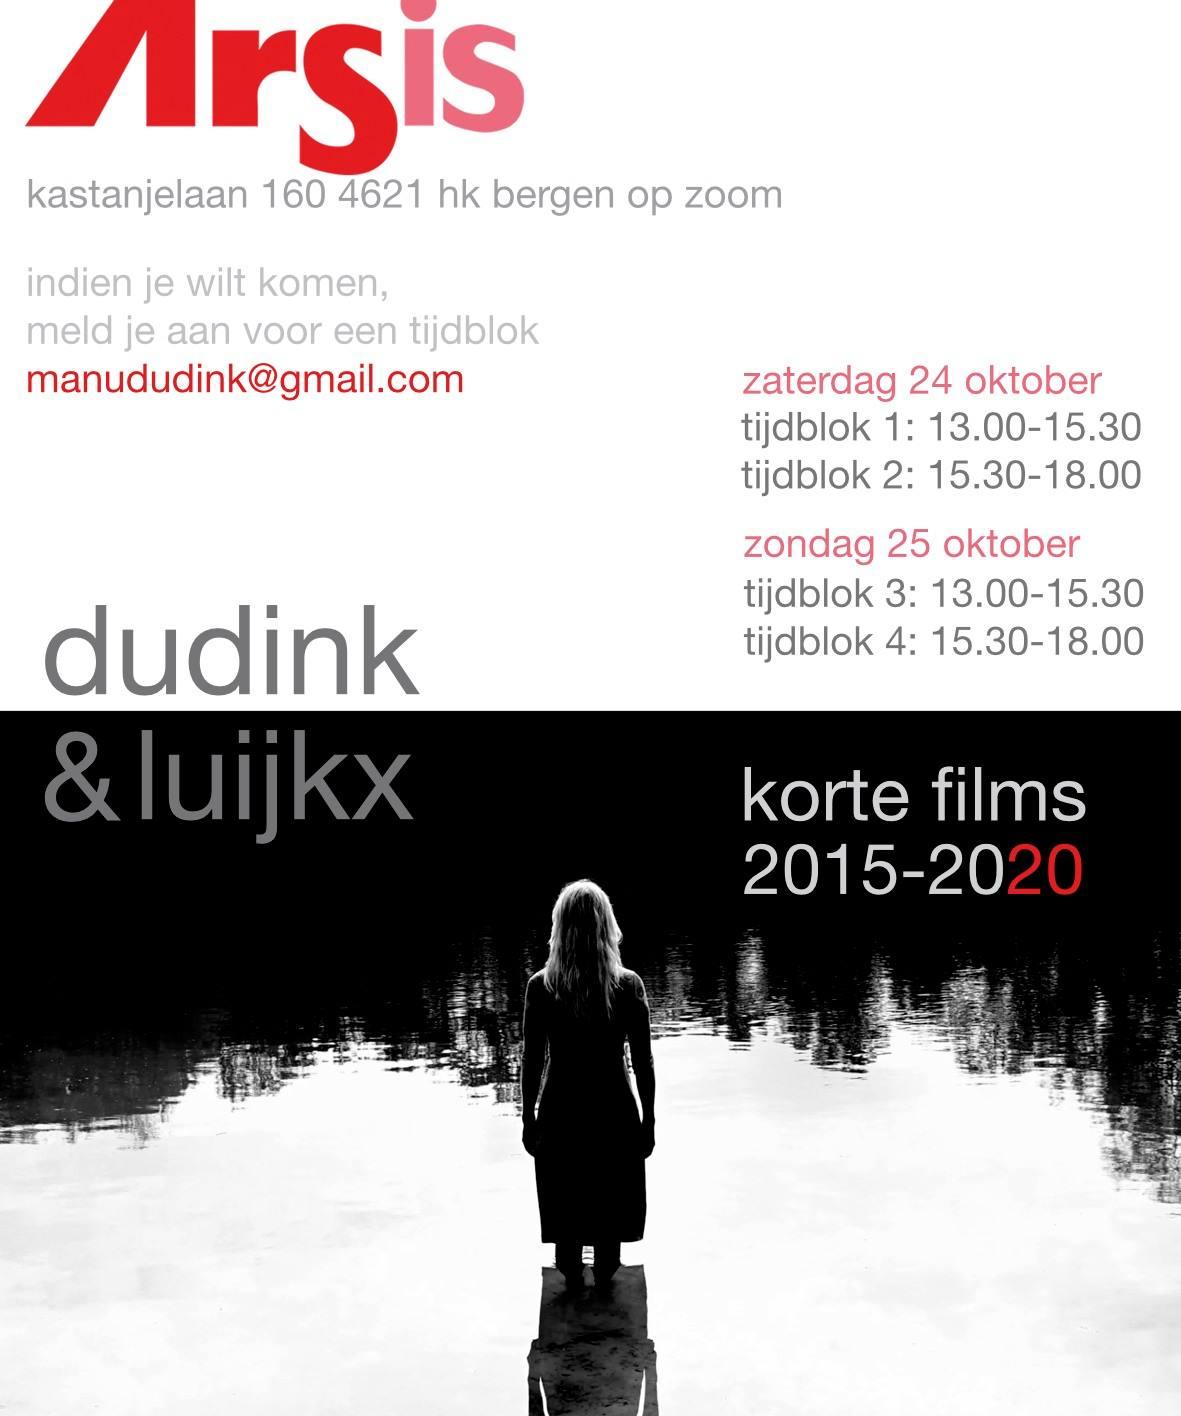 Expositie van korte films van Dudink & Luijkx op 24/10 en 15/10/2020.